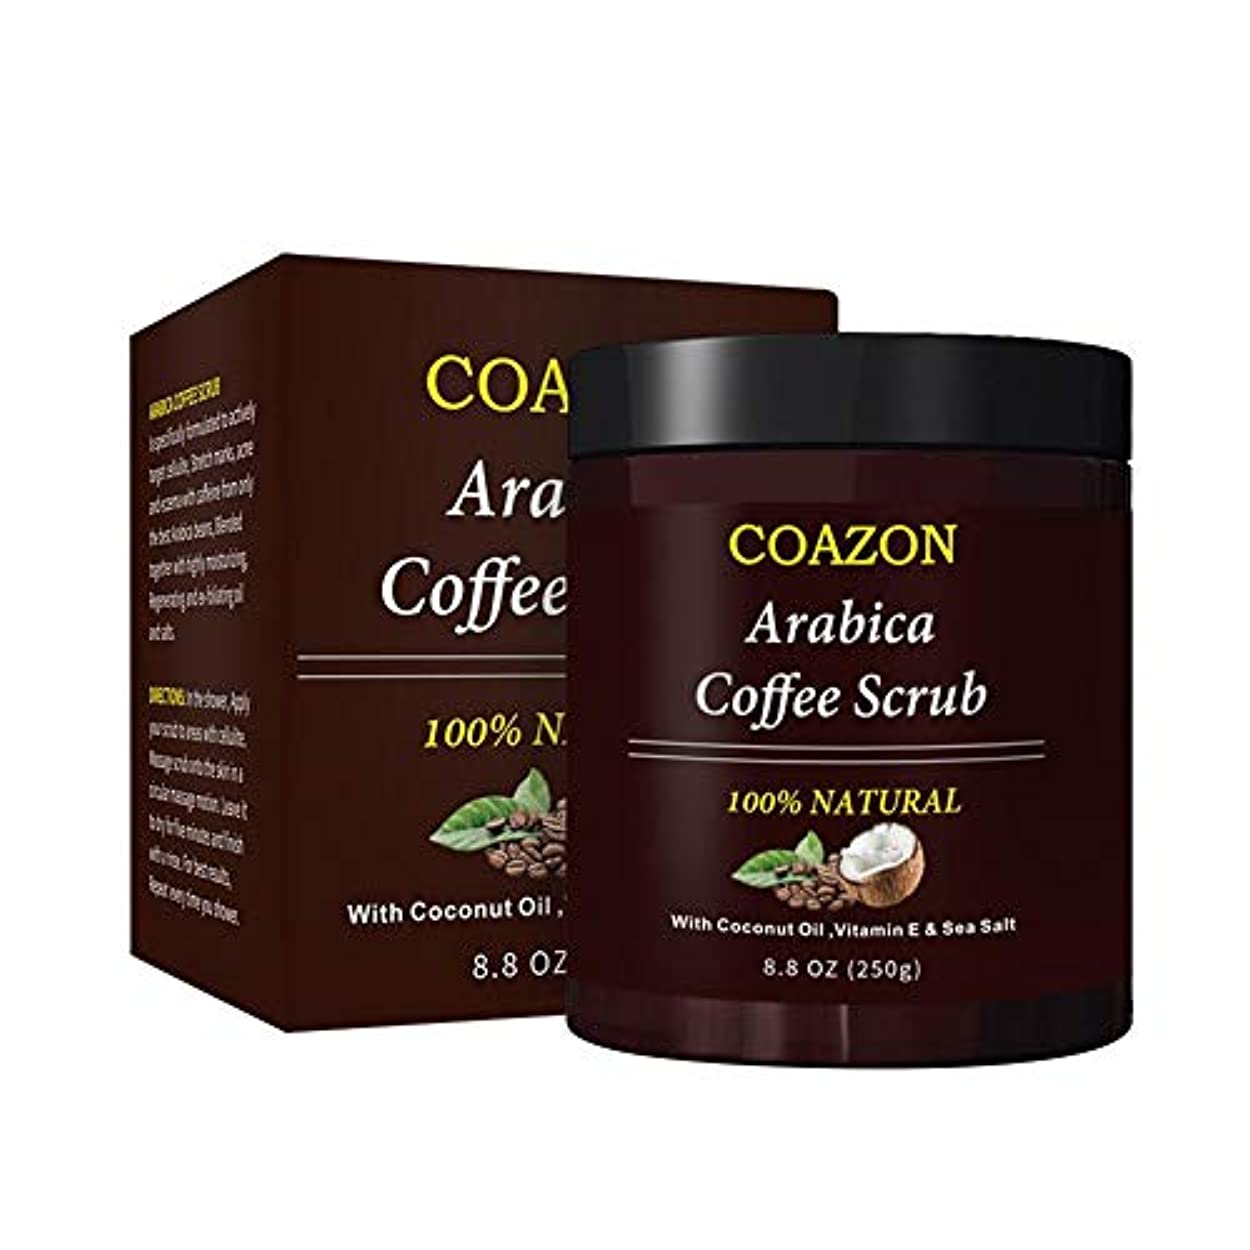 ファントム職業年齢Coldwhite ボディースクラブ 角質除去ホワイトニング保湿抗セルライト治療のためのコーヒー介護者の自然死海塩クリーム 240g